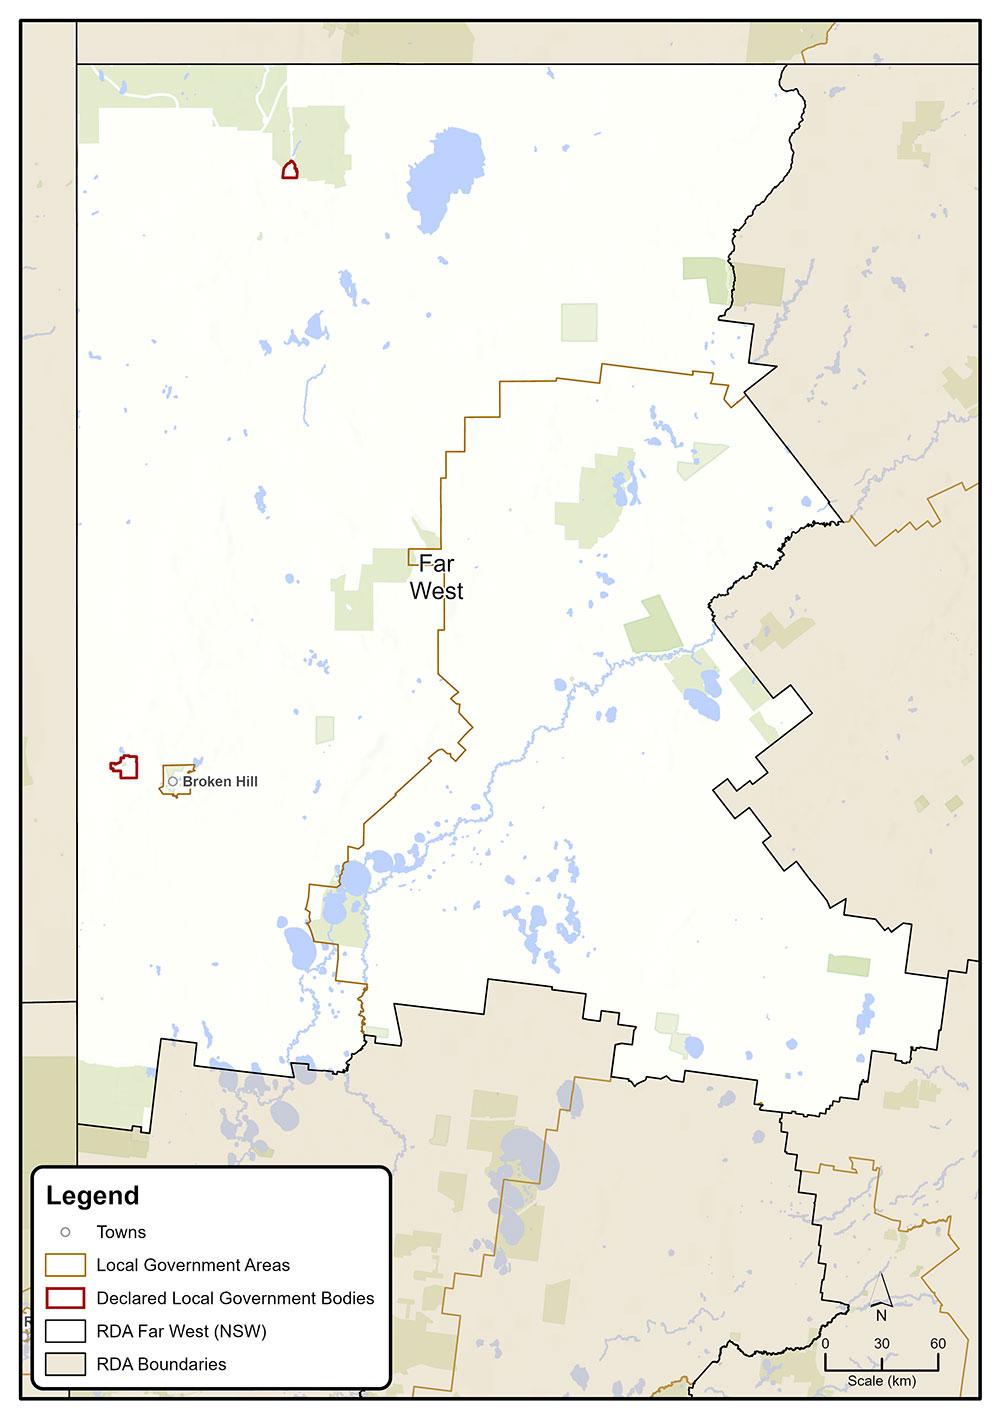 RDA012-Far-West-(NSW)-map